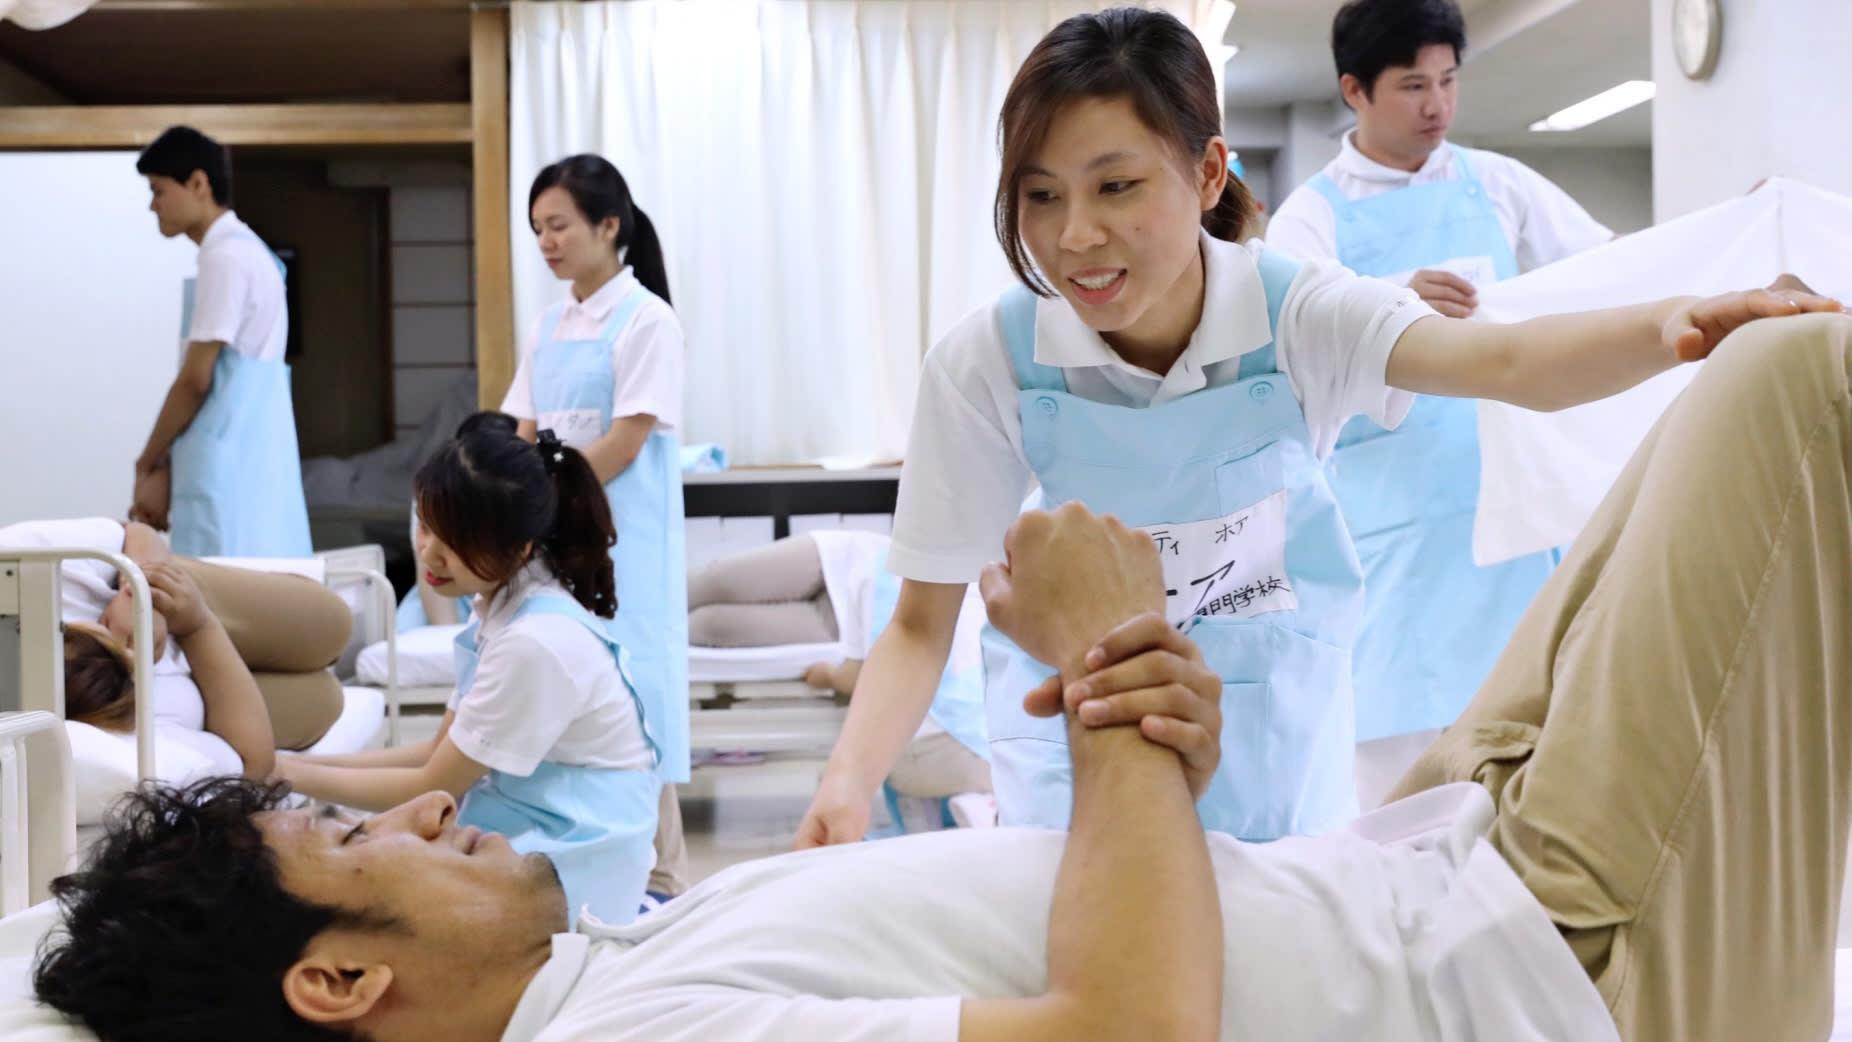 Nhật sẽ nhận 10,000 người chăm sóc người già từ Việt Nam